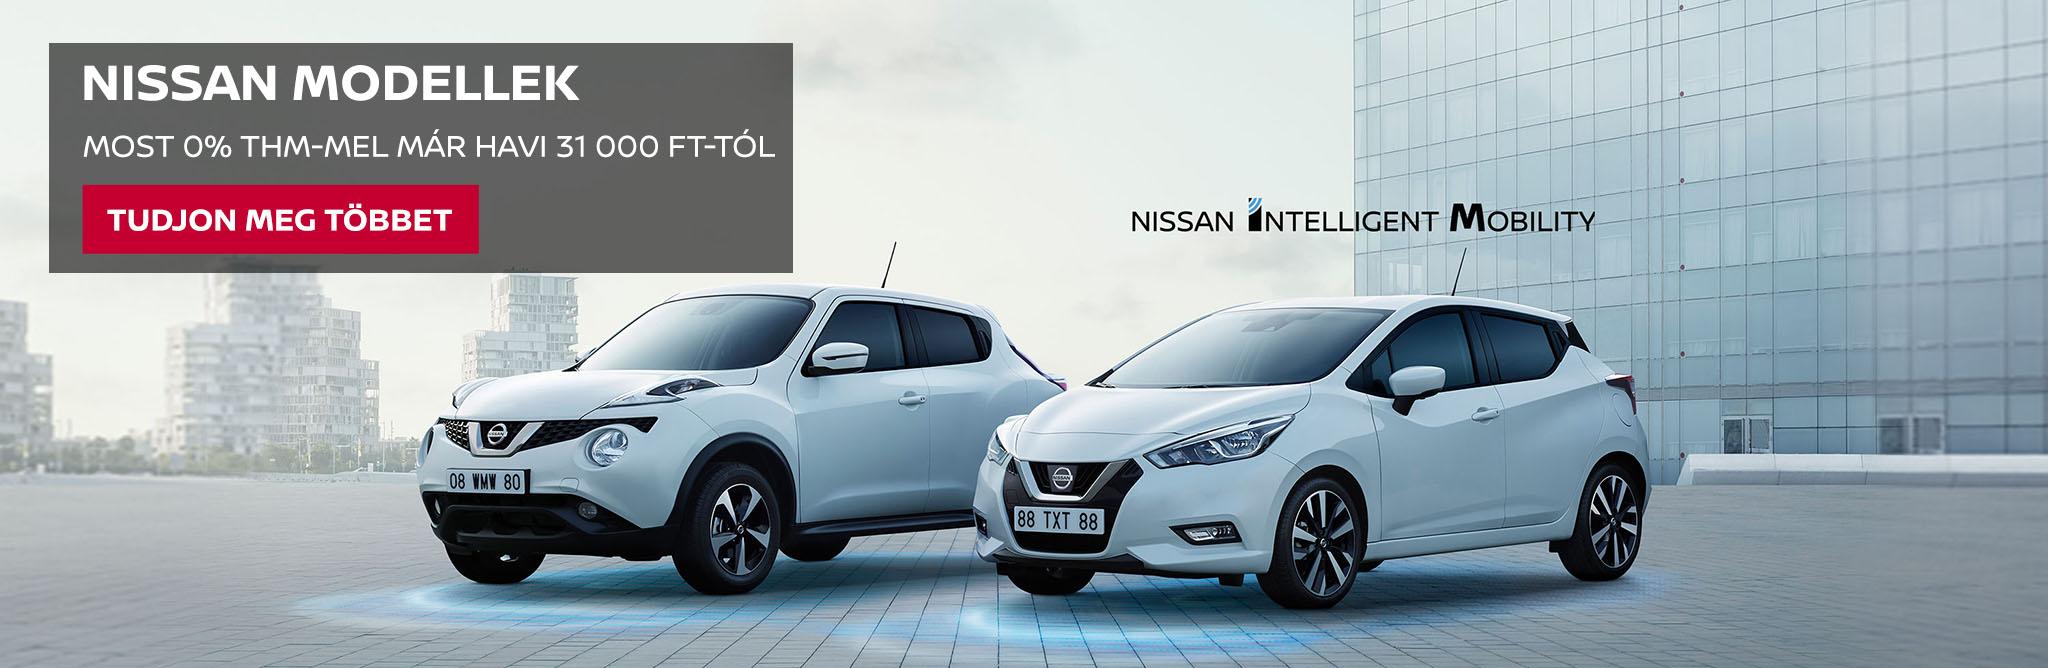 Nissan modellek (Juke, Micra)